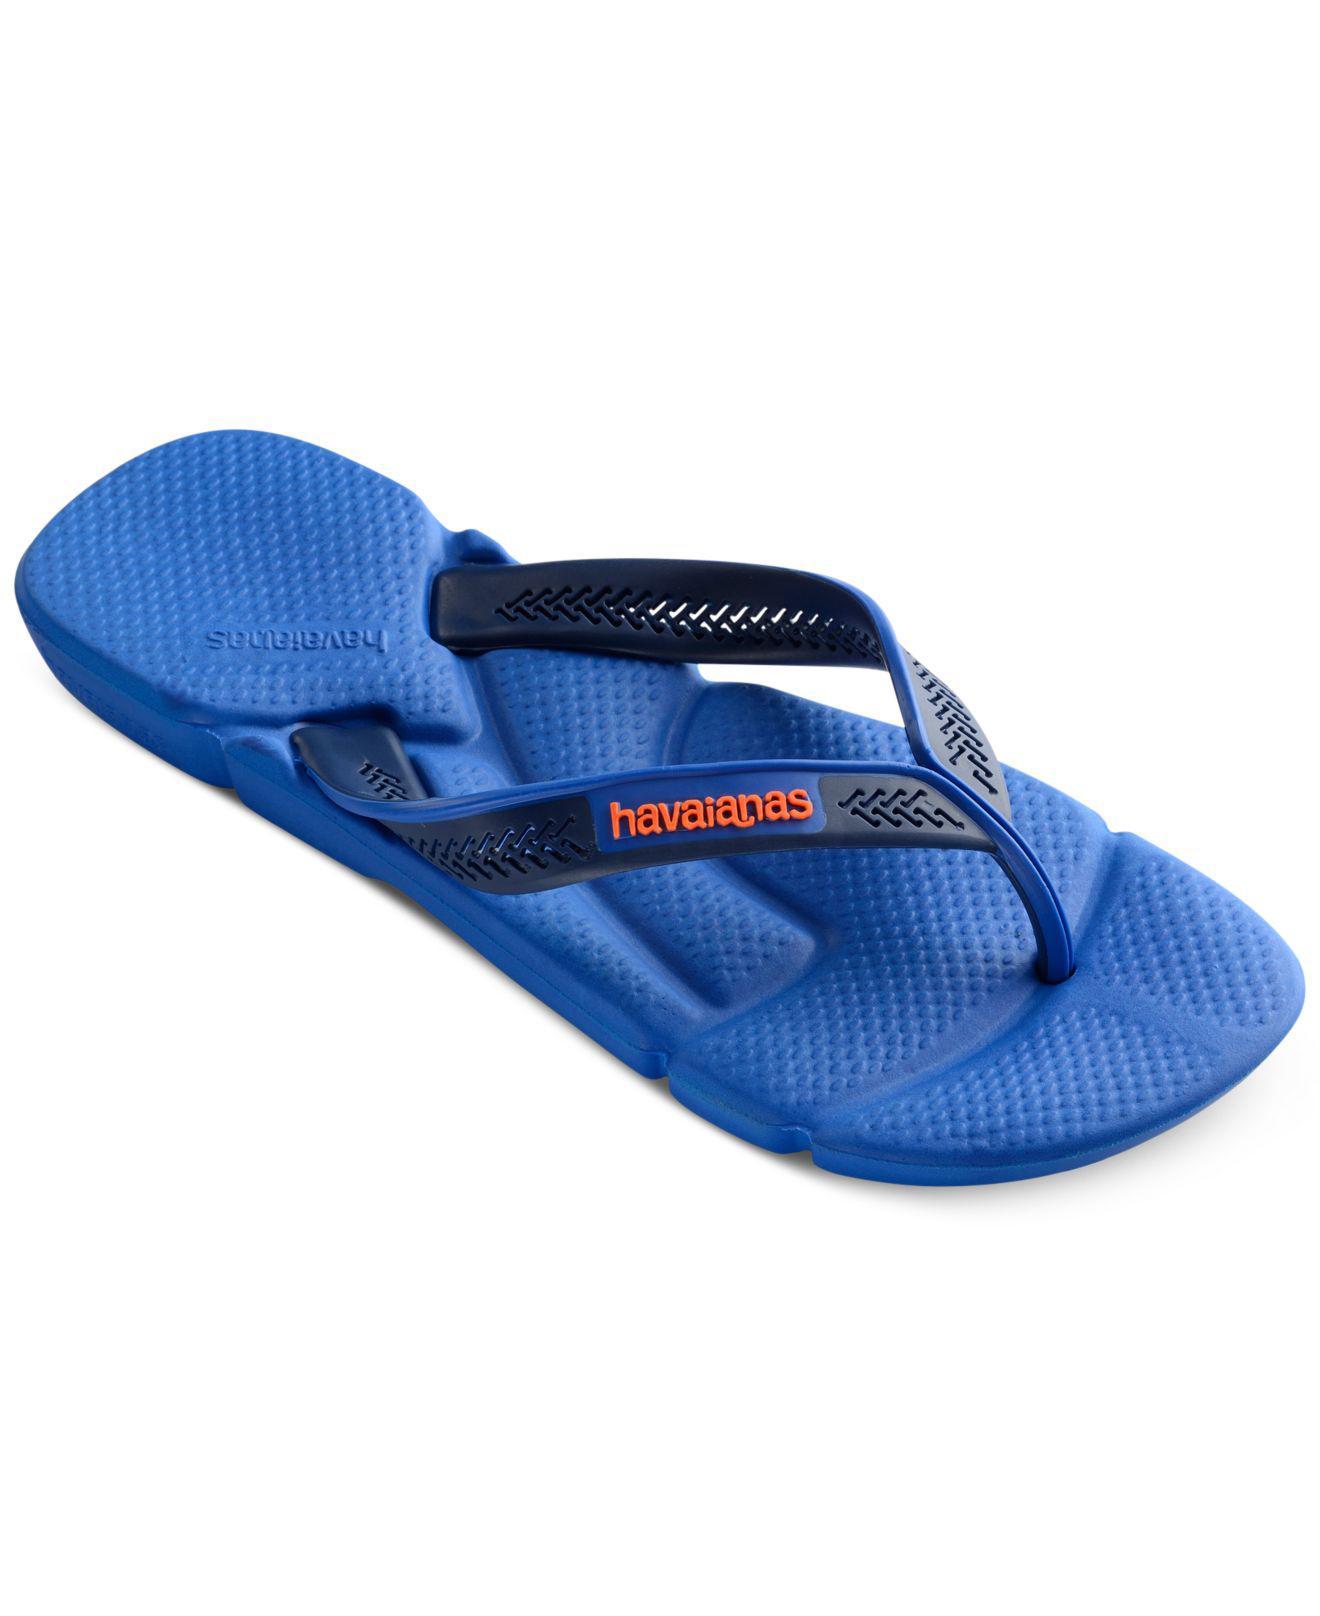 dcce5f3ca1b Lyst - Havaianas Power Flip Flops in Blue for Men